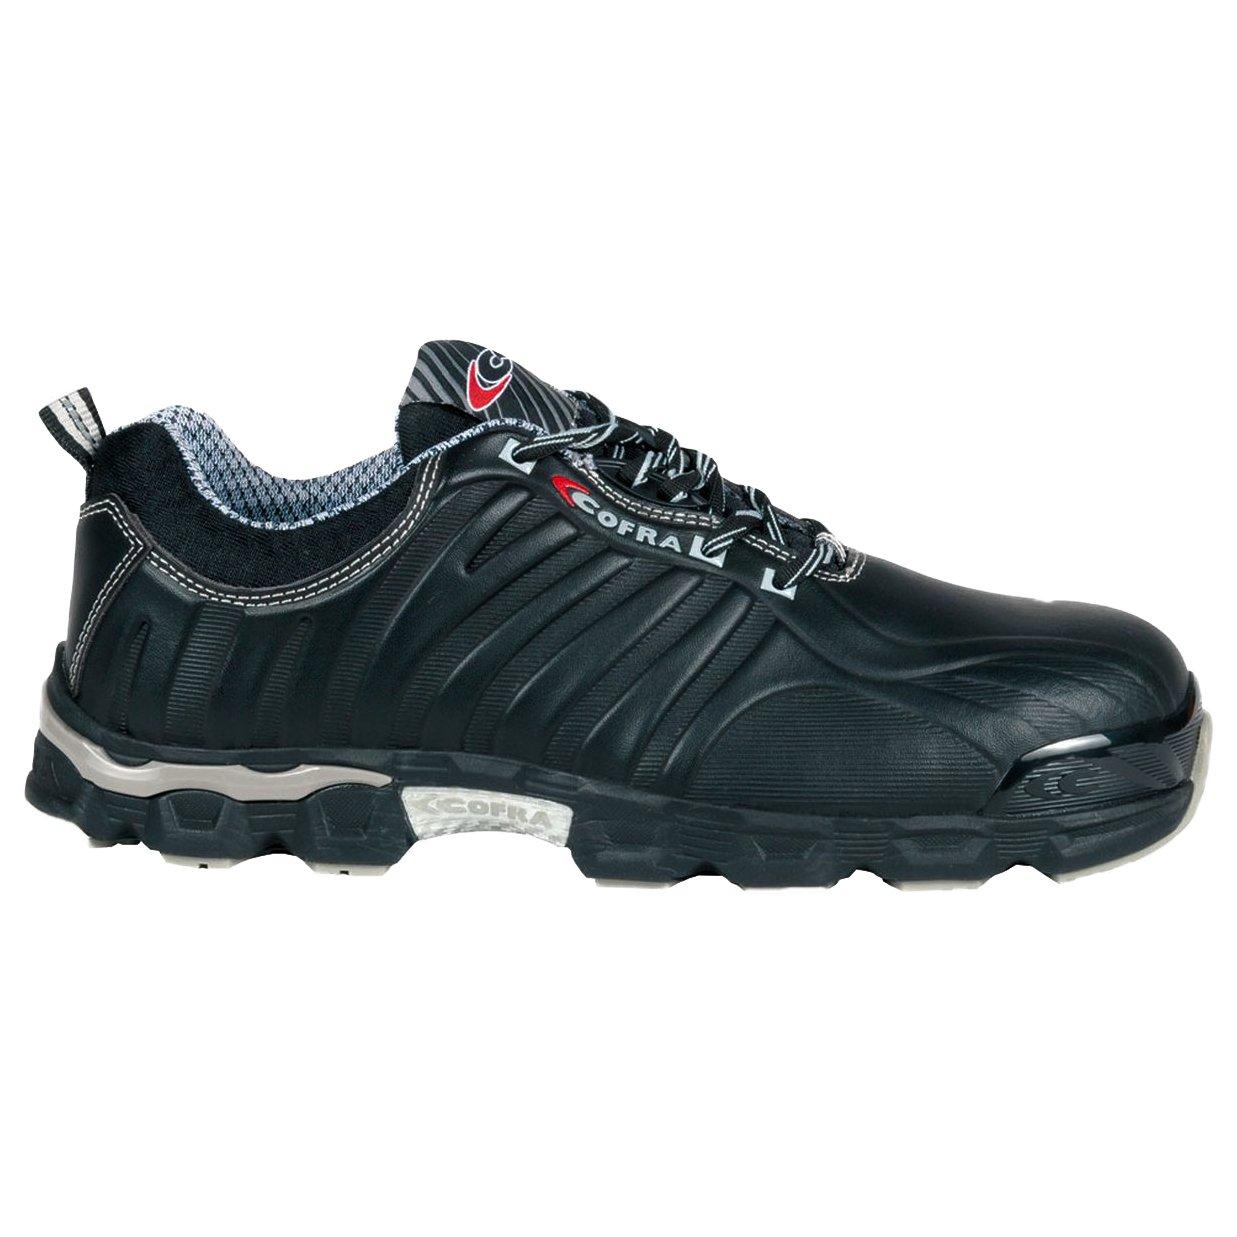 Cofra JE025-000.W45 Chaussures de sécurité'Sbatt S3 SRC' Taille 45 Noir